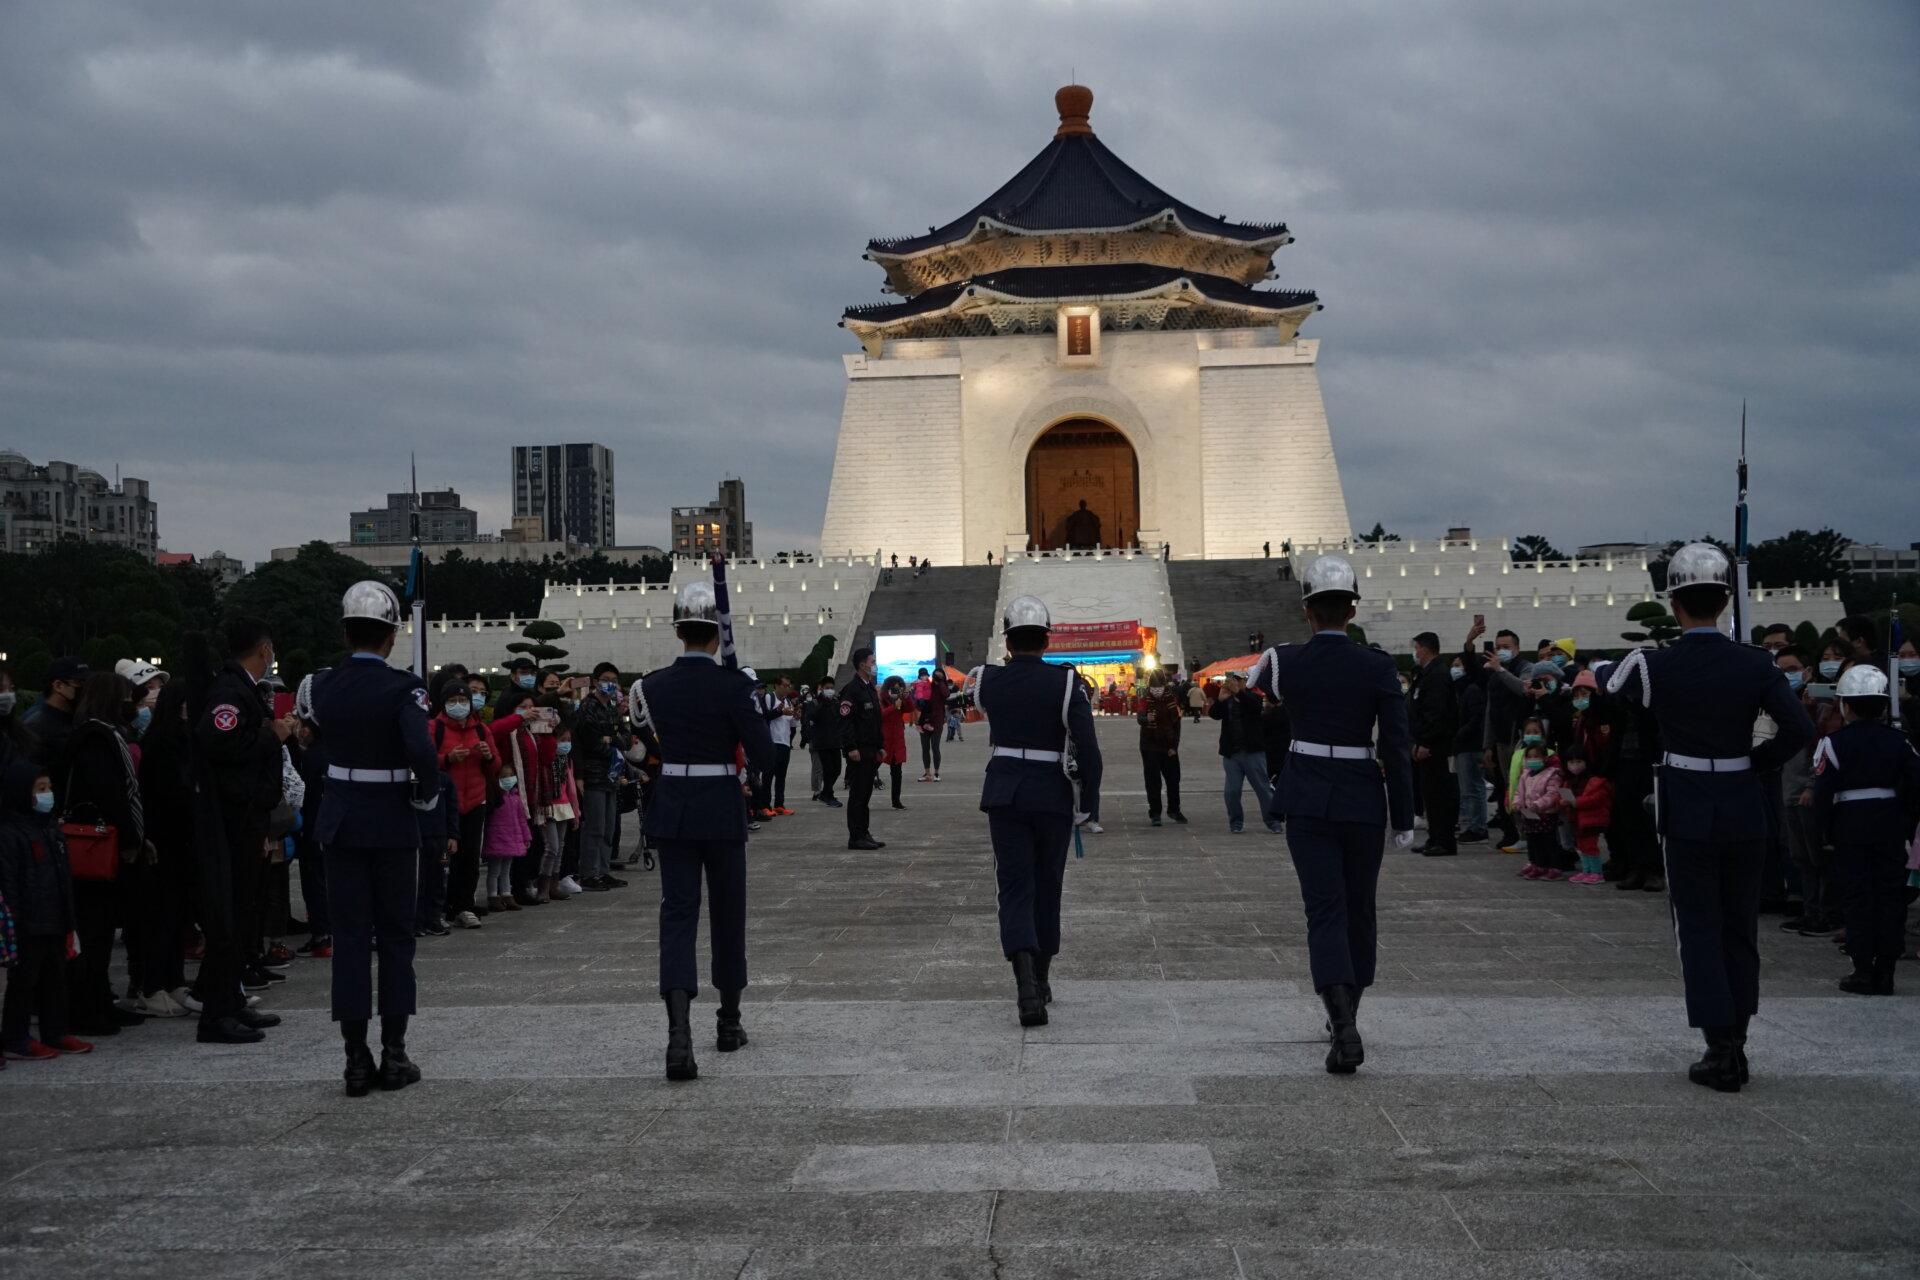 行動佛殿117站台北中正紀念堂,元旦降旗